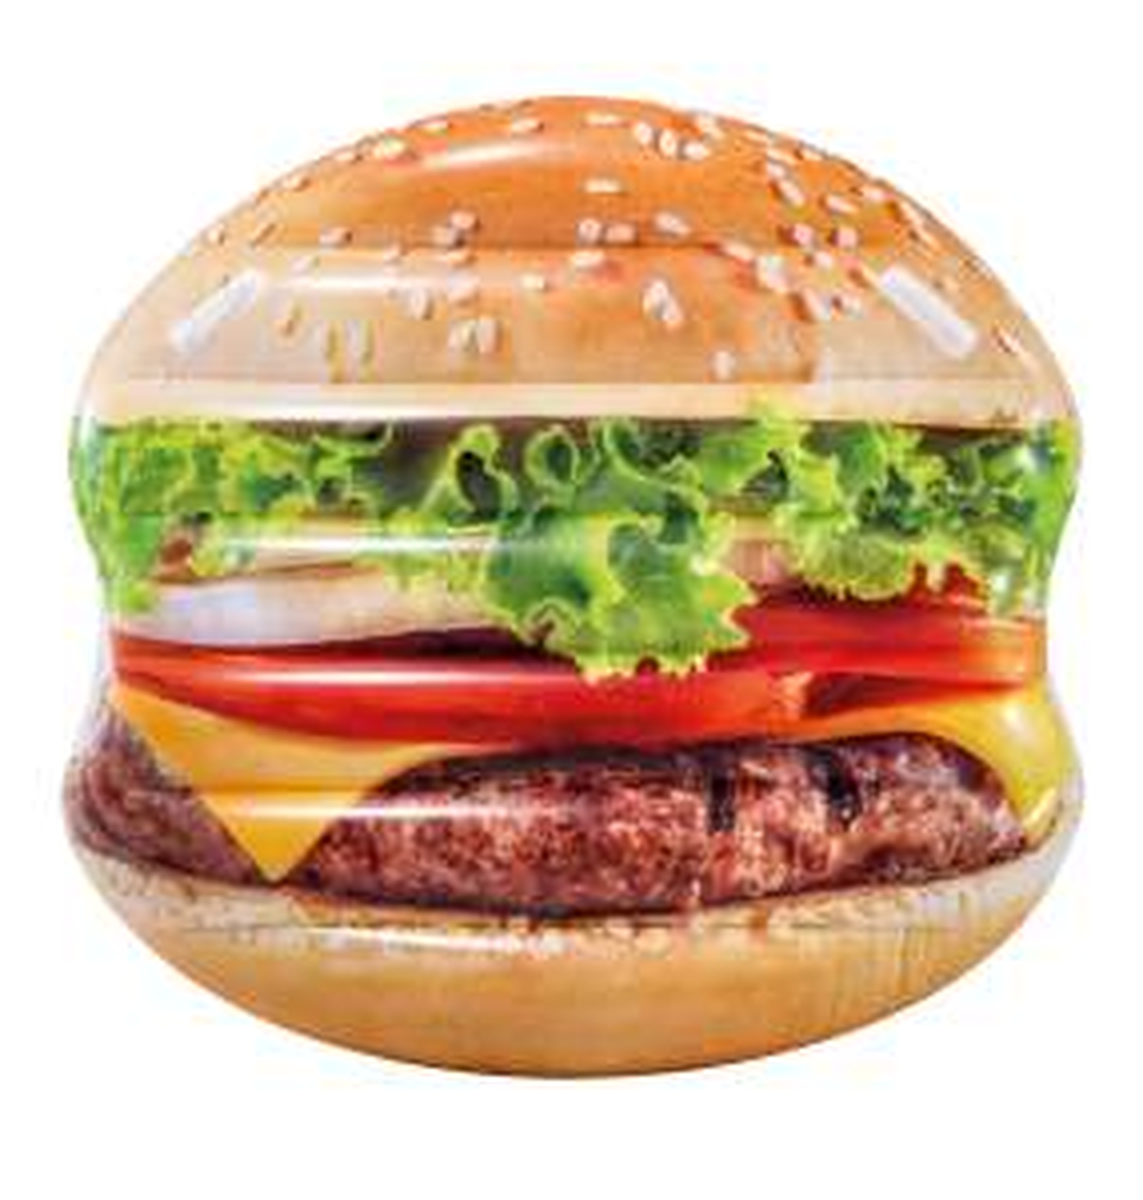 Jusqu'à 31% de réduction sur une sélection de produits - Ex: Matelas Gonflable Intex motif Hamburger (cash-piscines.com)